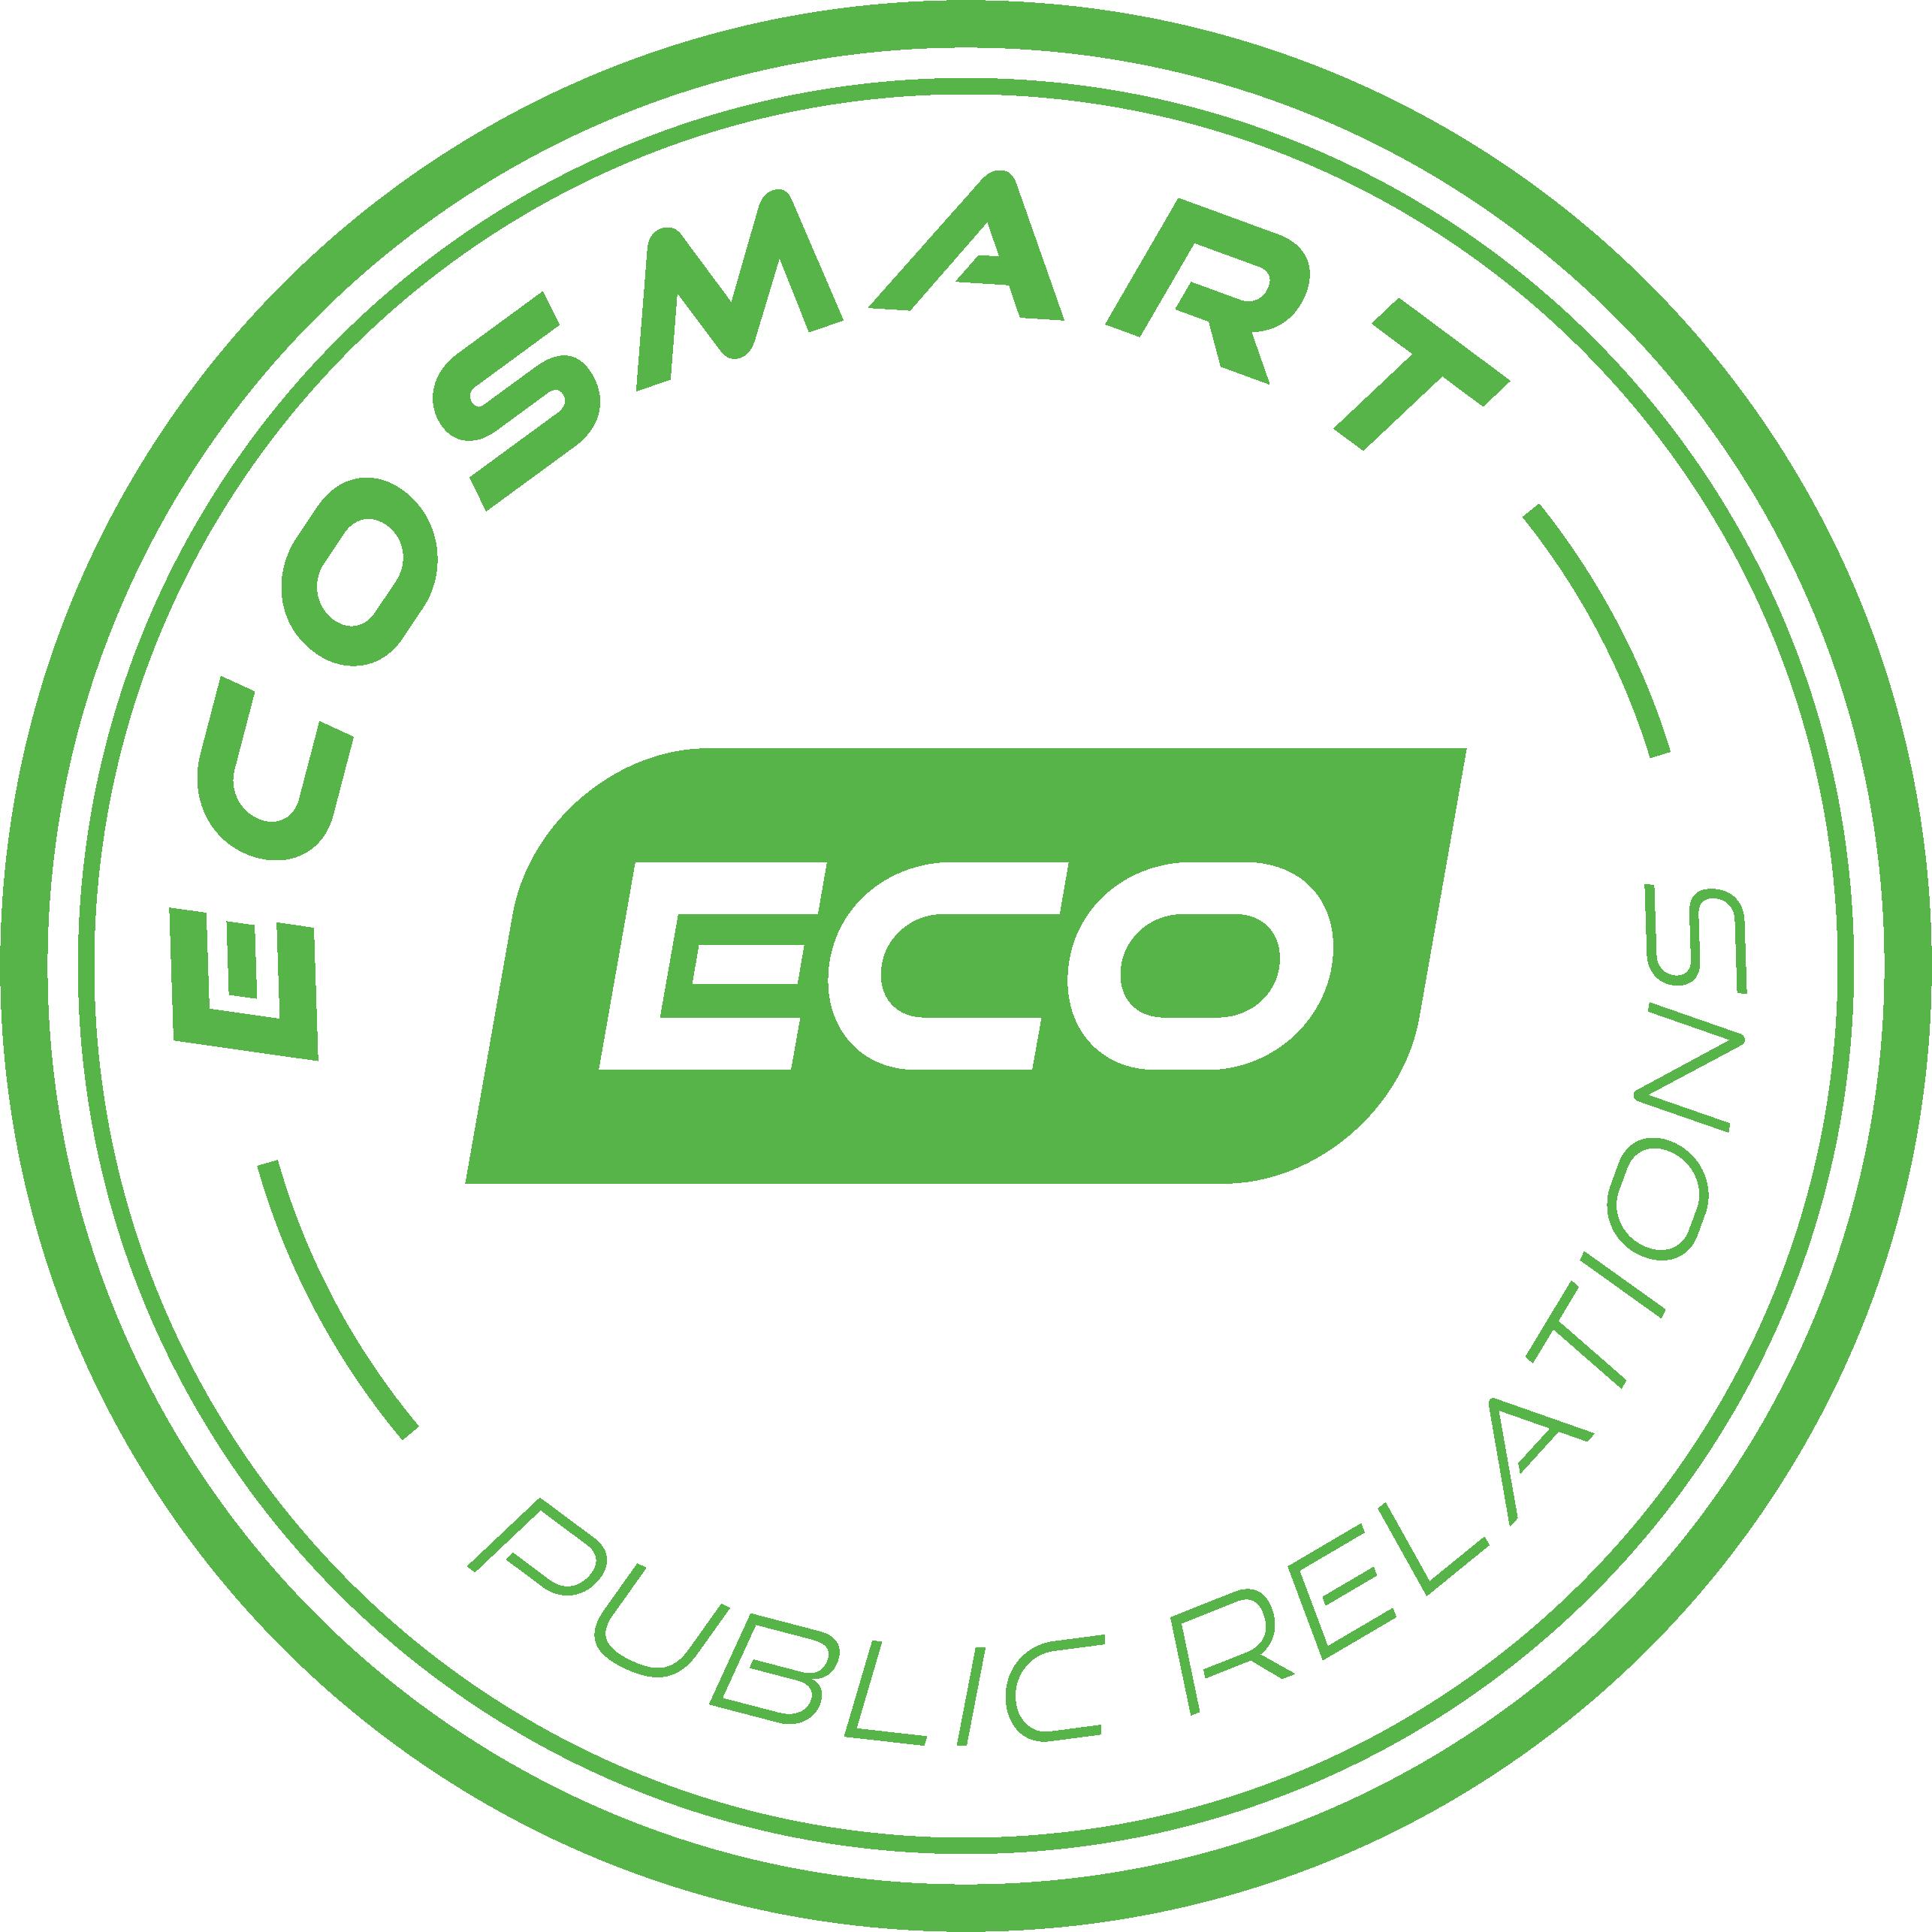 EcoSmart Seal